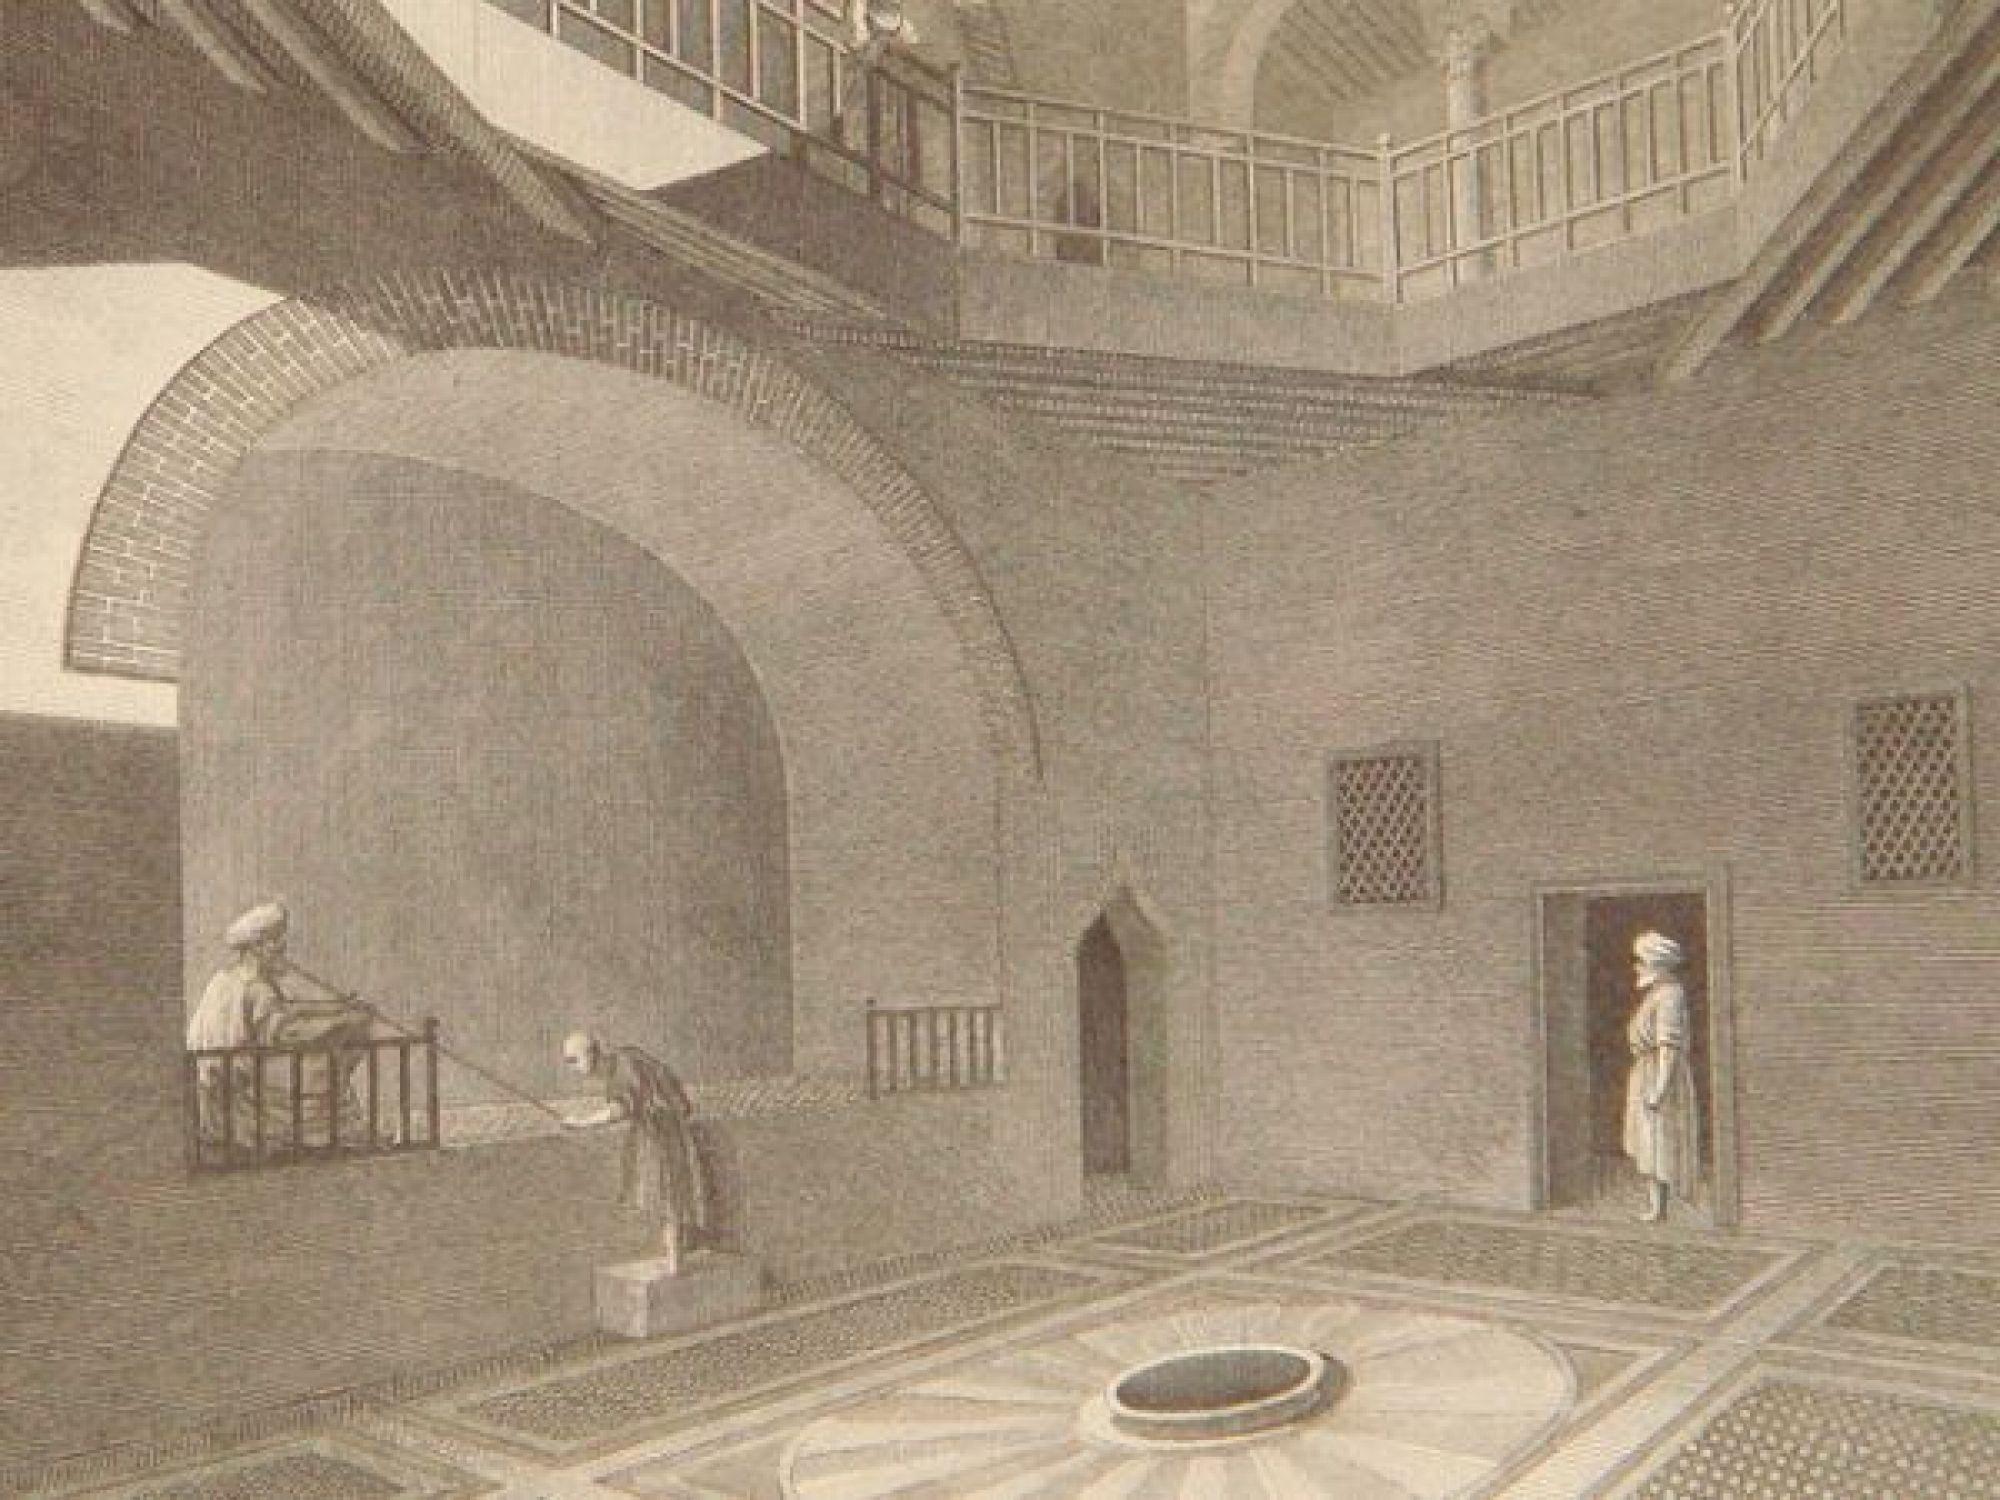 description de l 39 egypte alexandrie vues perspectives int rieures d 39 une maison particuli re. Black Bedroom Furniture Sets. Home Design Ideas